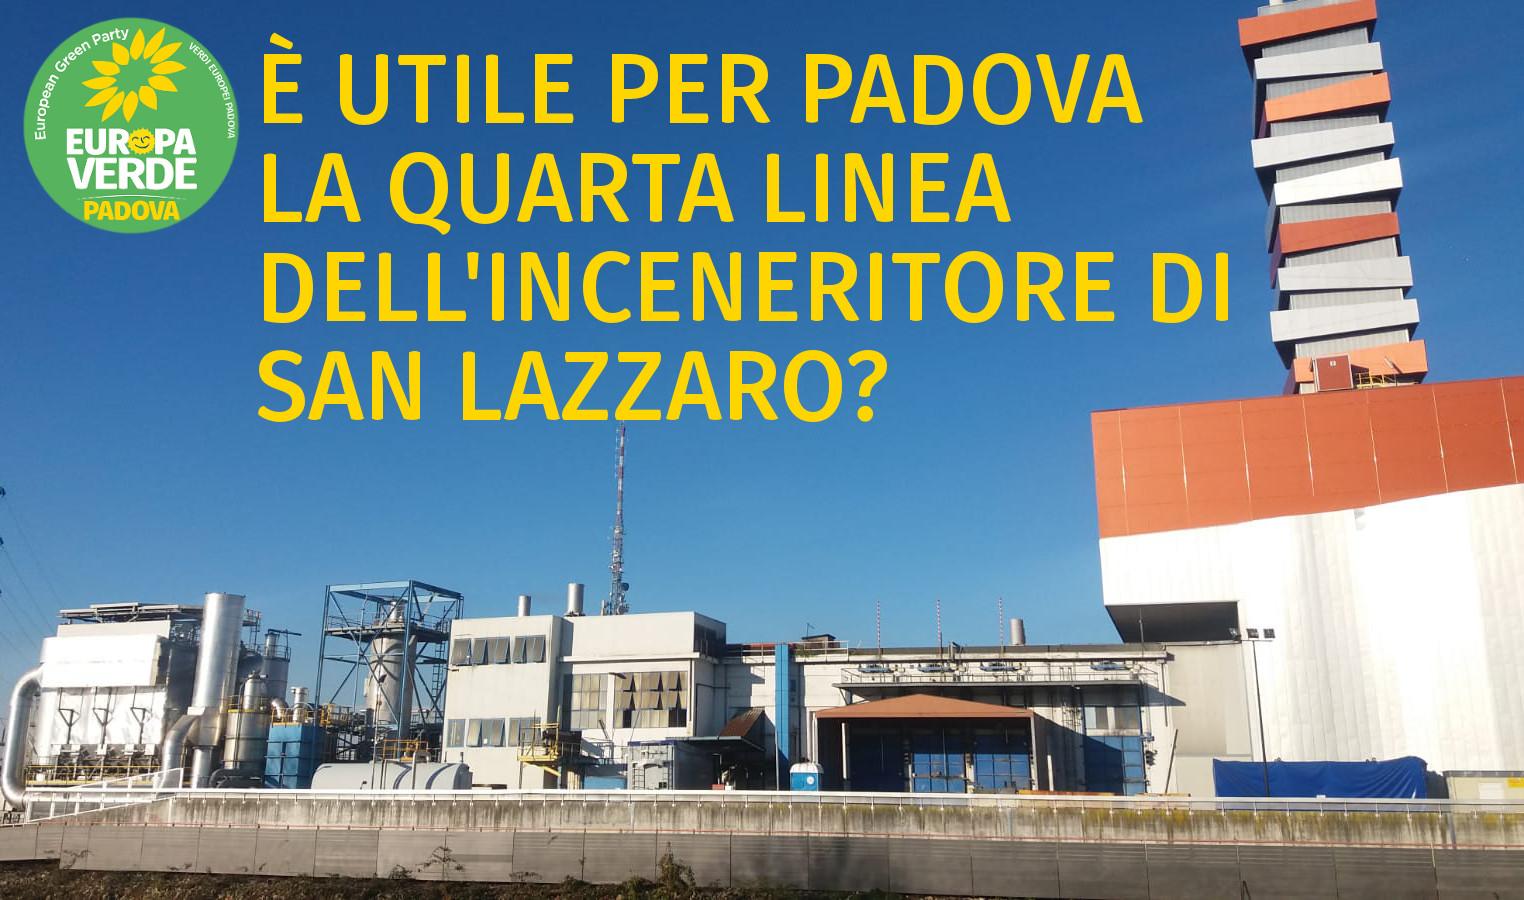 Inceneritore-San-Lazzaro-Padova-Progetto-quarta-linea-comunicato-stampa-articolo